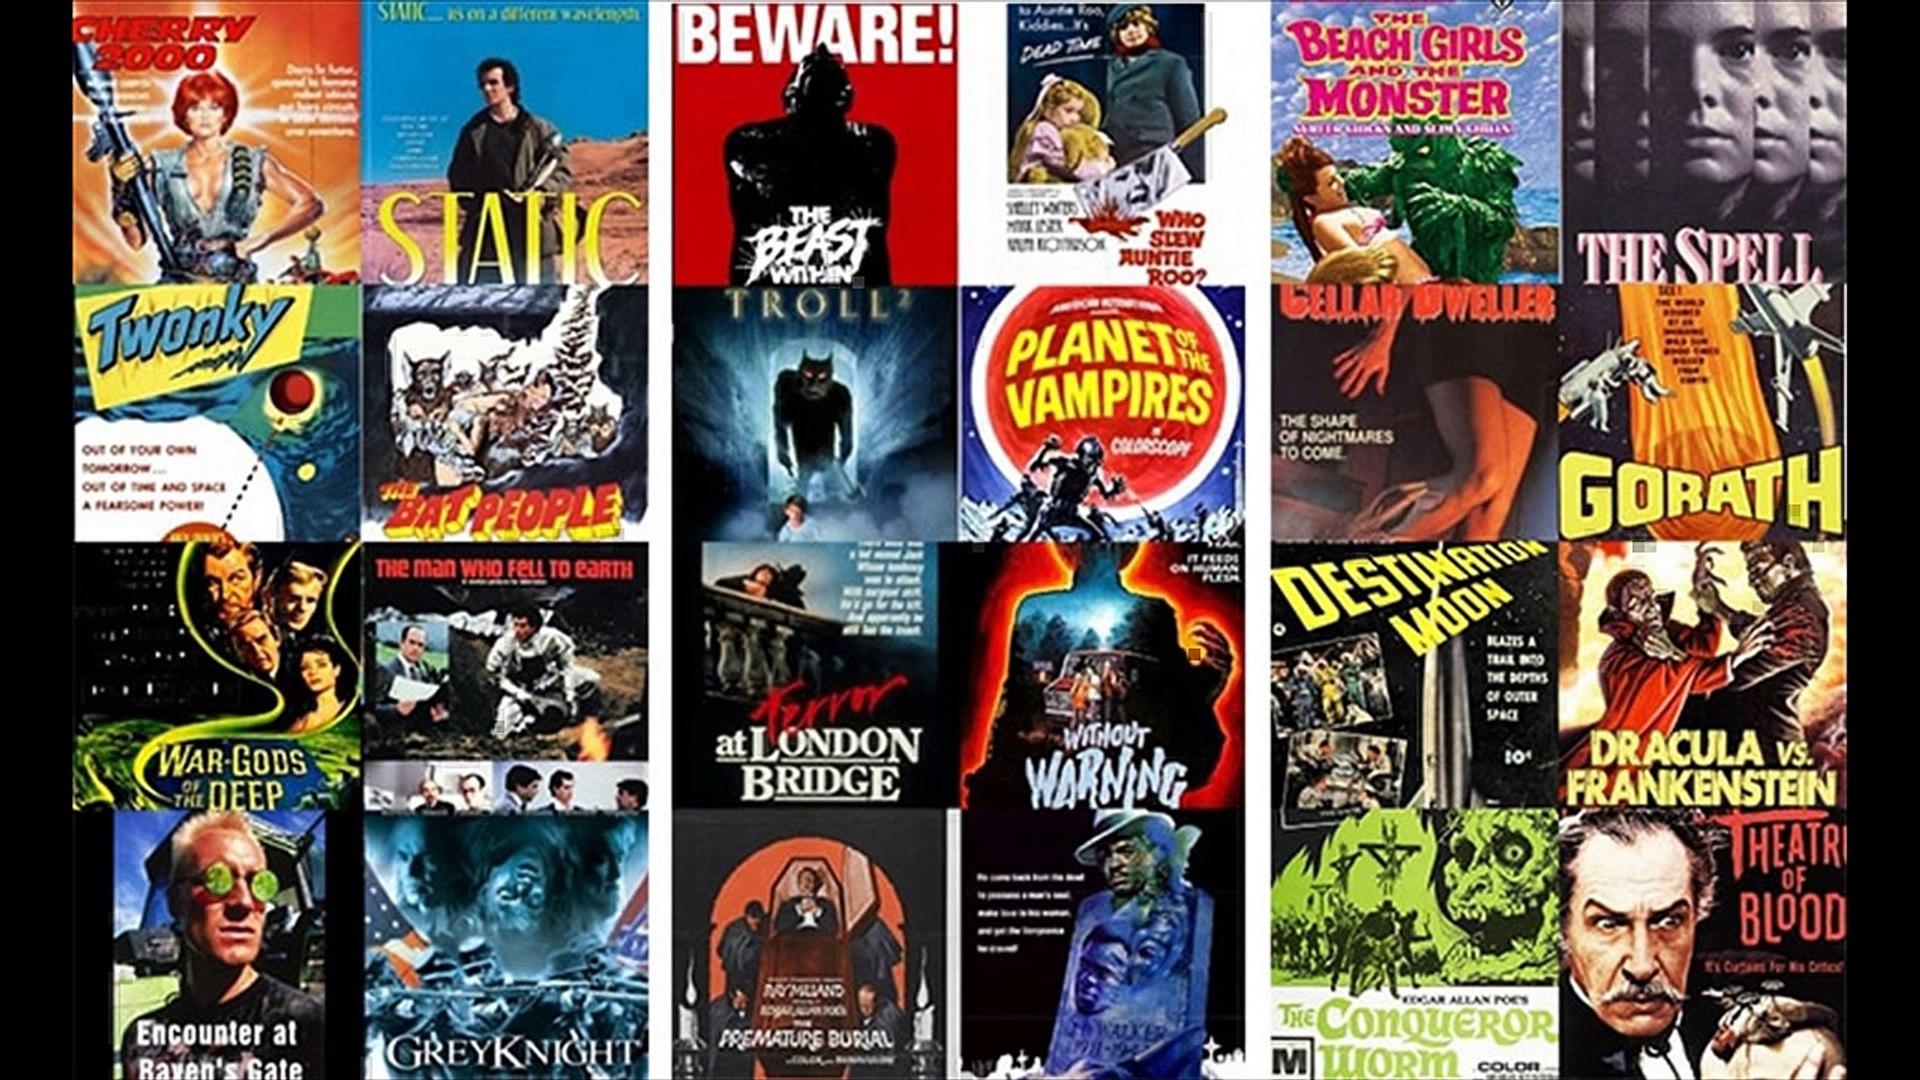 Return of the Living Dead Part II 1988 F.U.L.L Movie